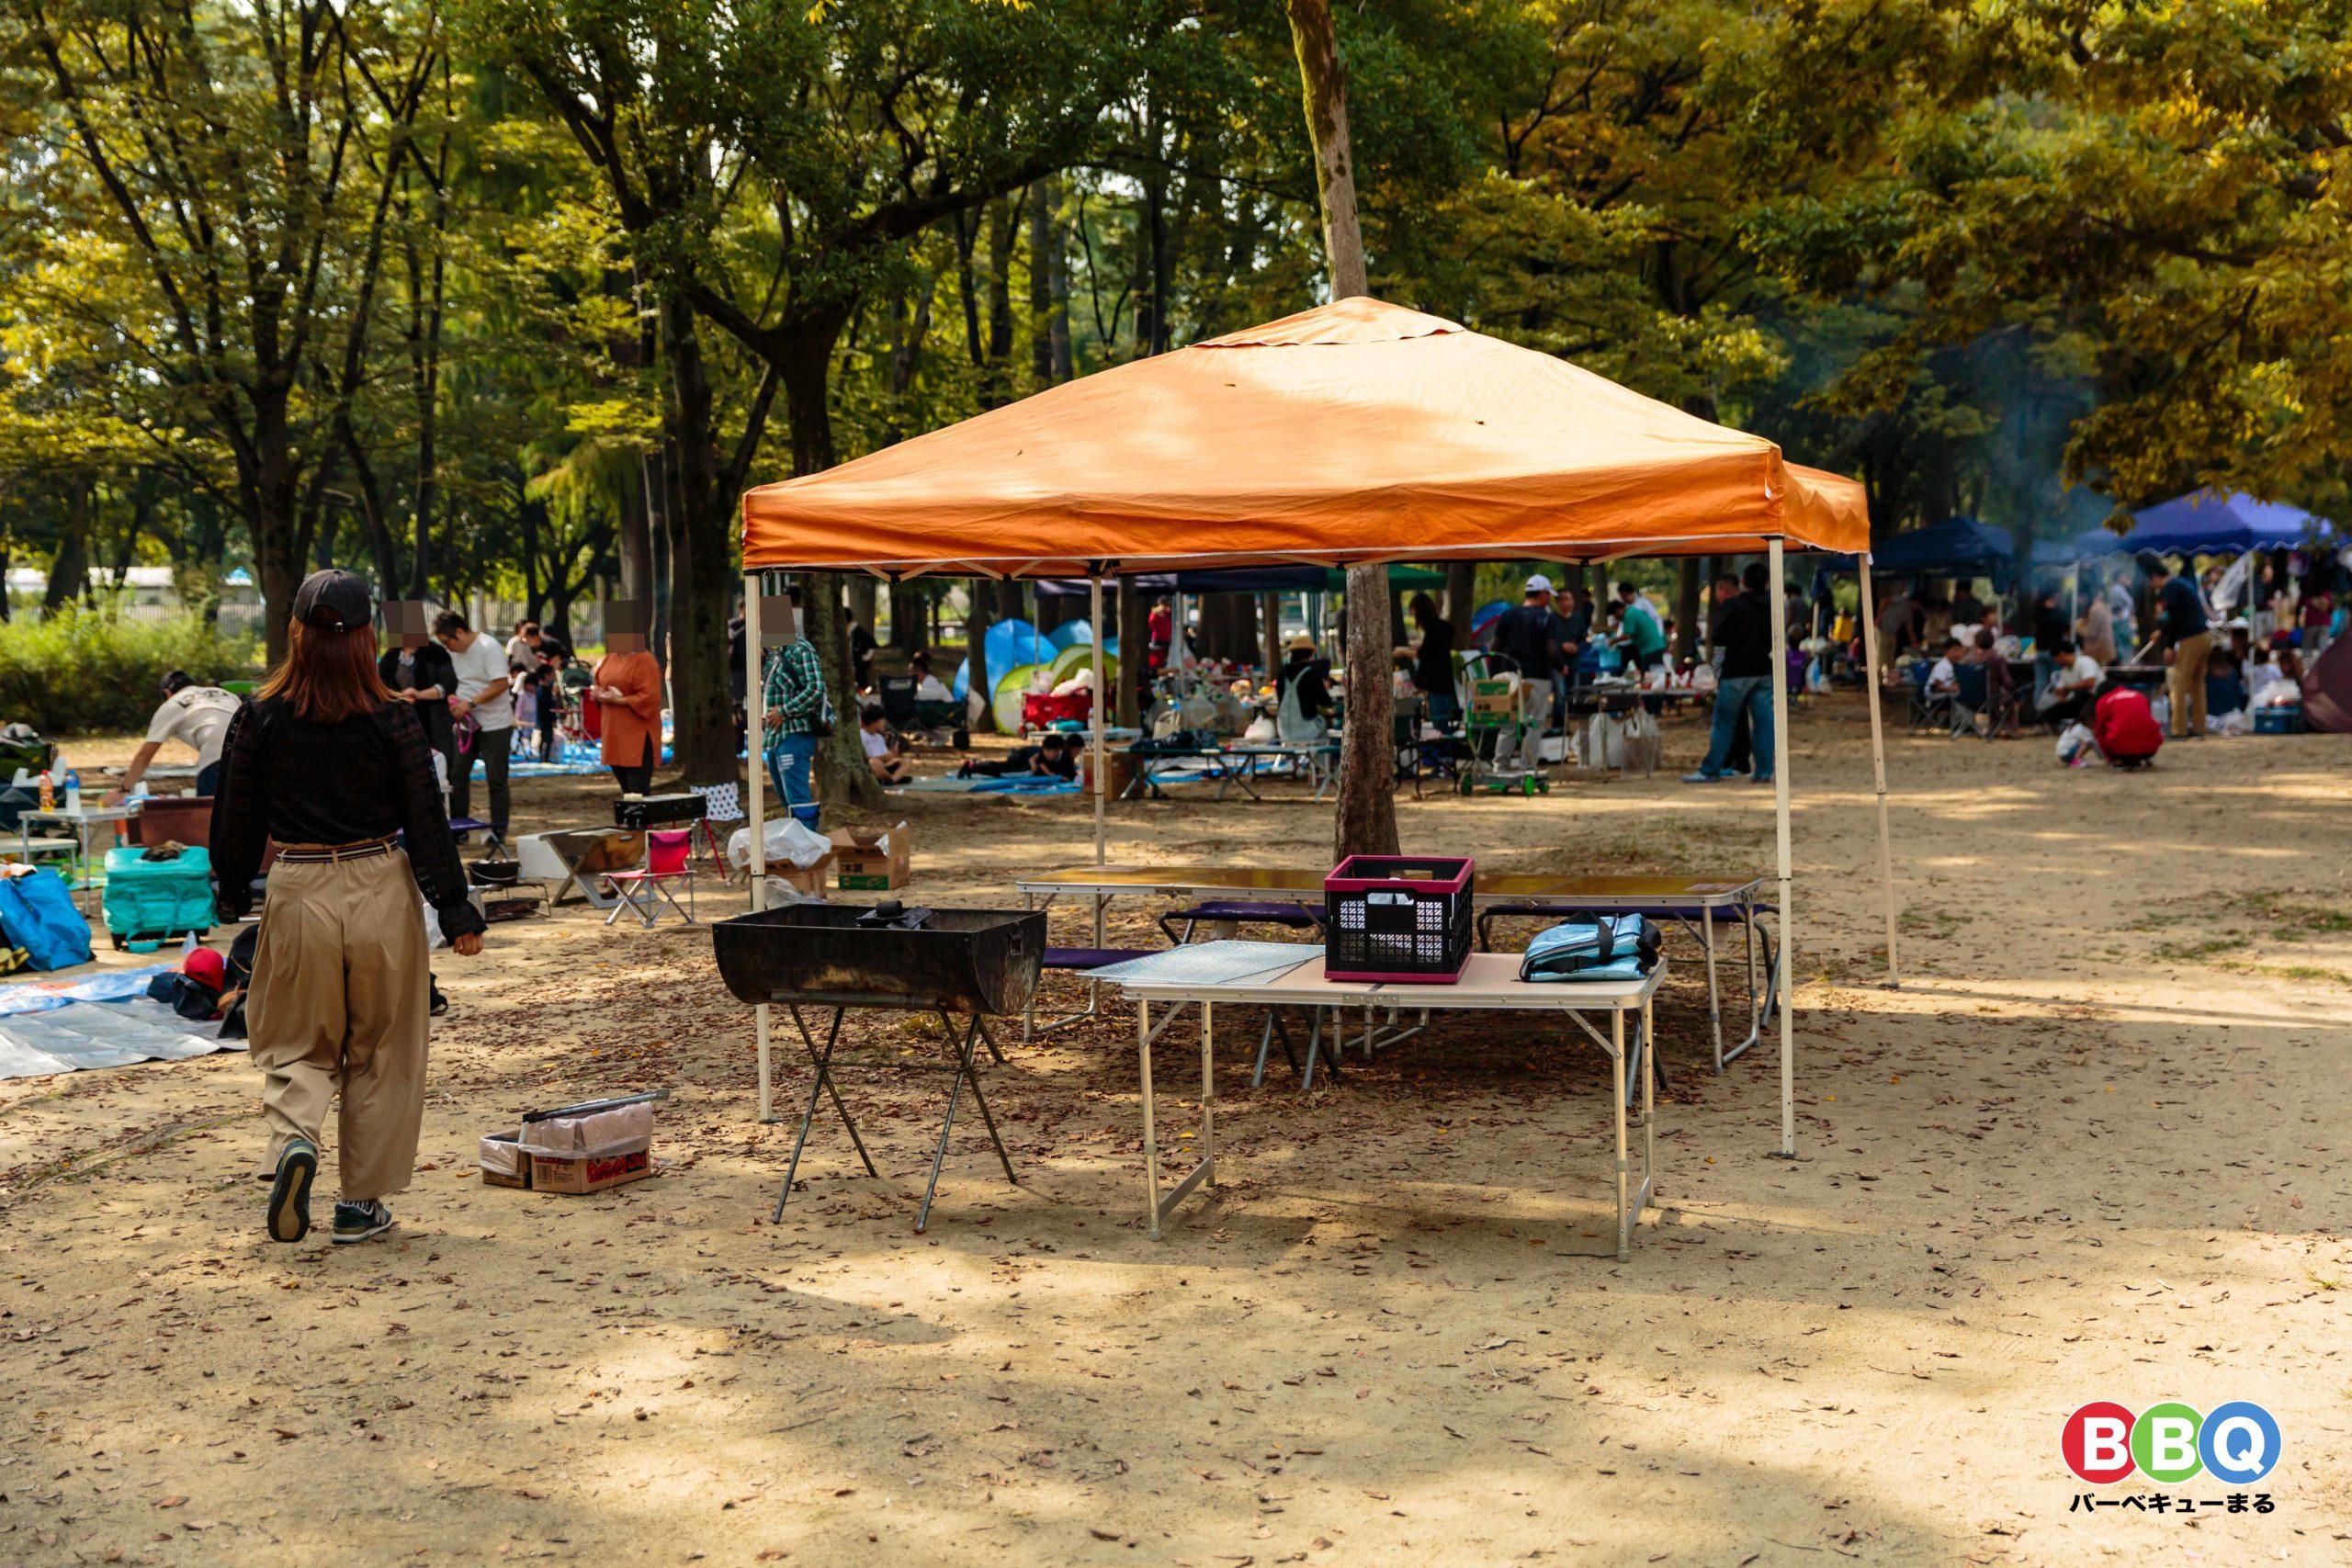 久宝寺緑地公園バーベキューエリア無人の場所取り